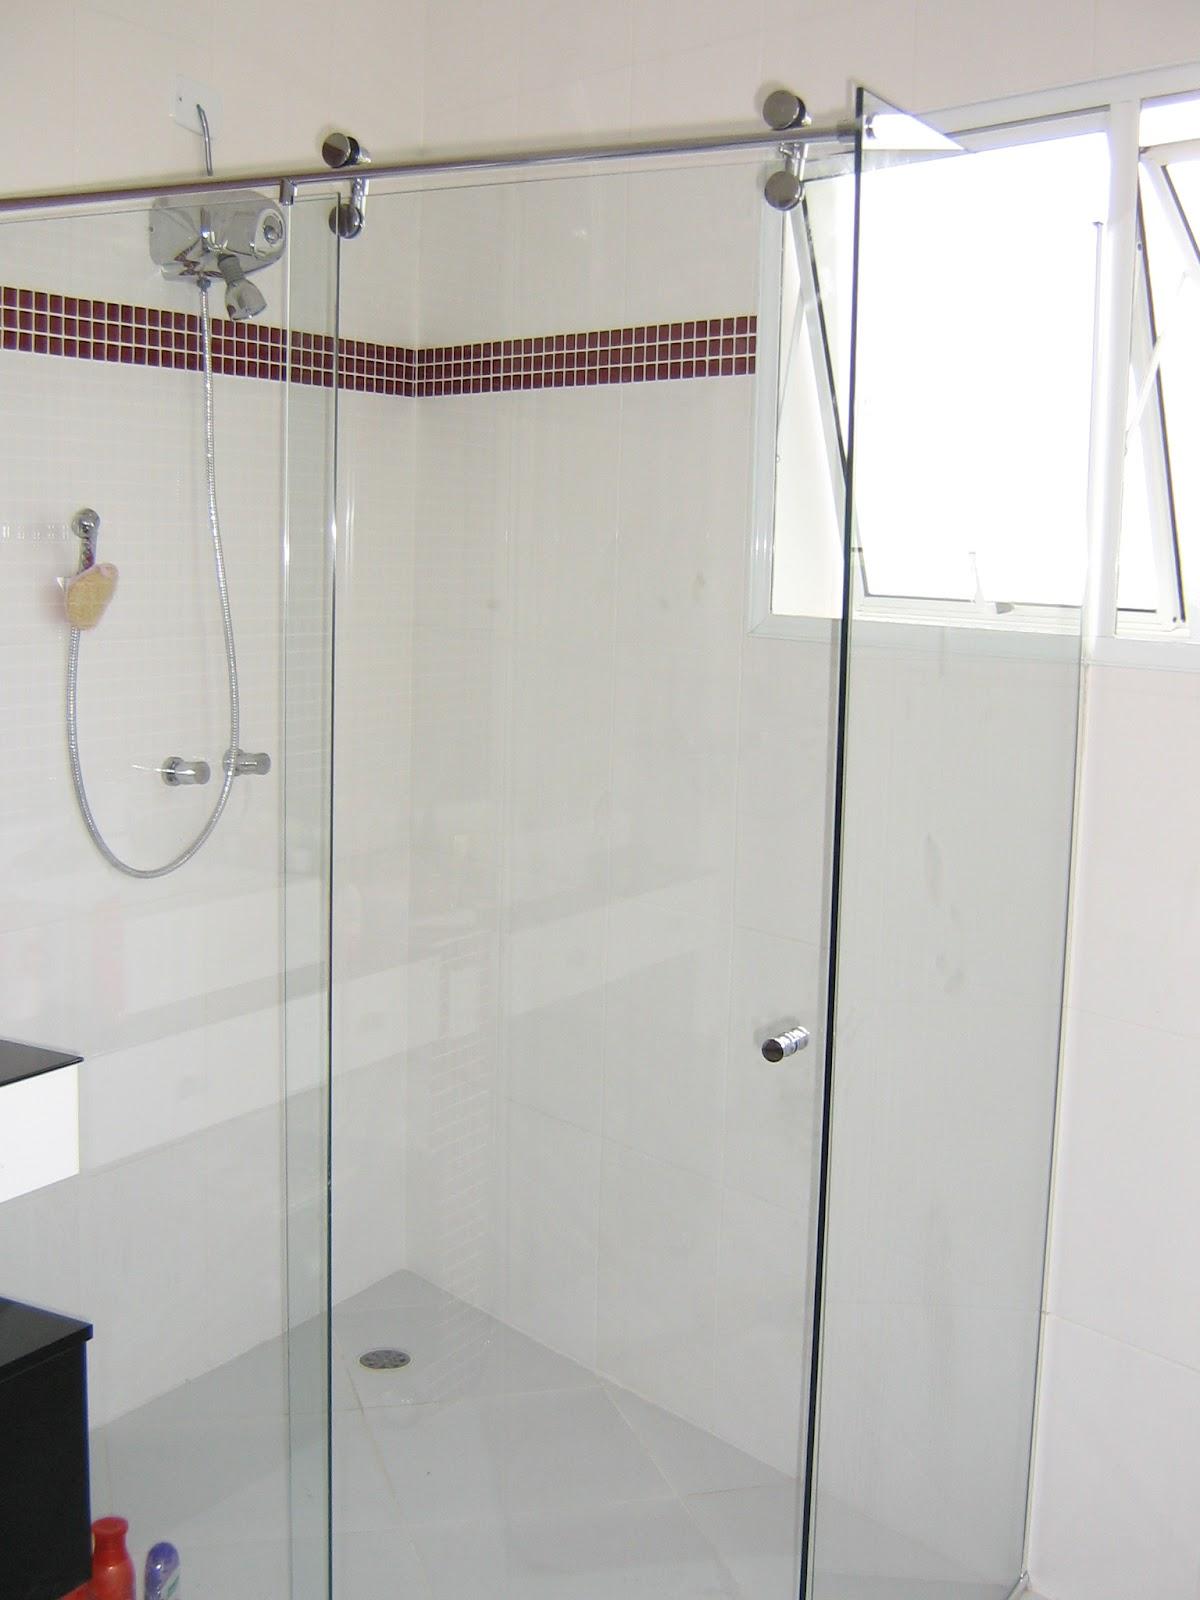 Imagens de #673E3C Blog Solar Vidros: Julho 2012 1200x1600 px 2188 Box De Vidro Para Banheiro Itaquera